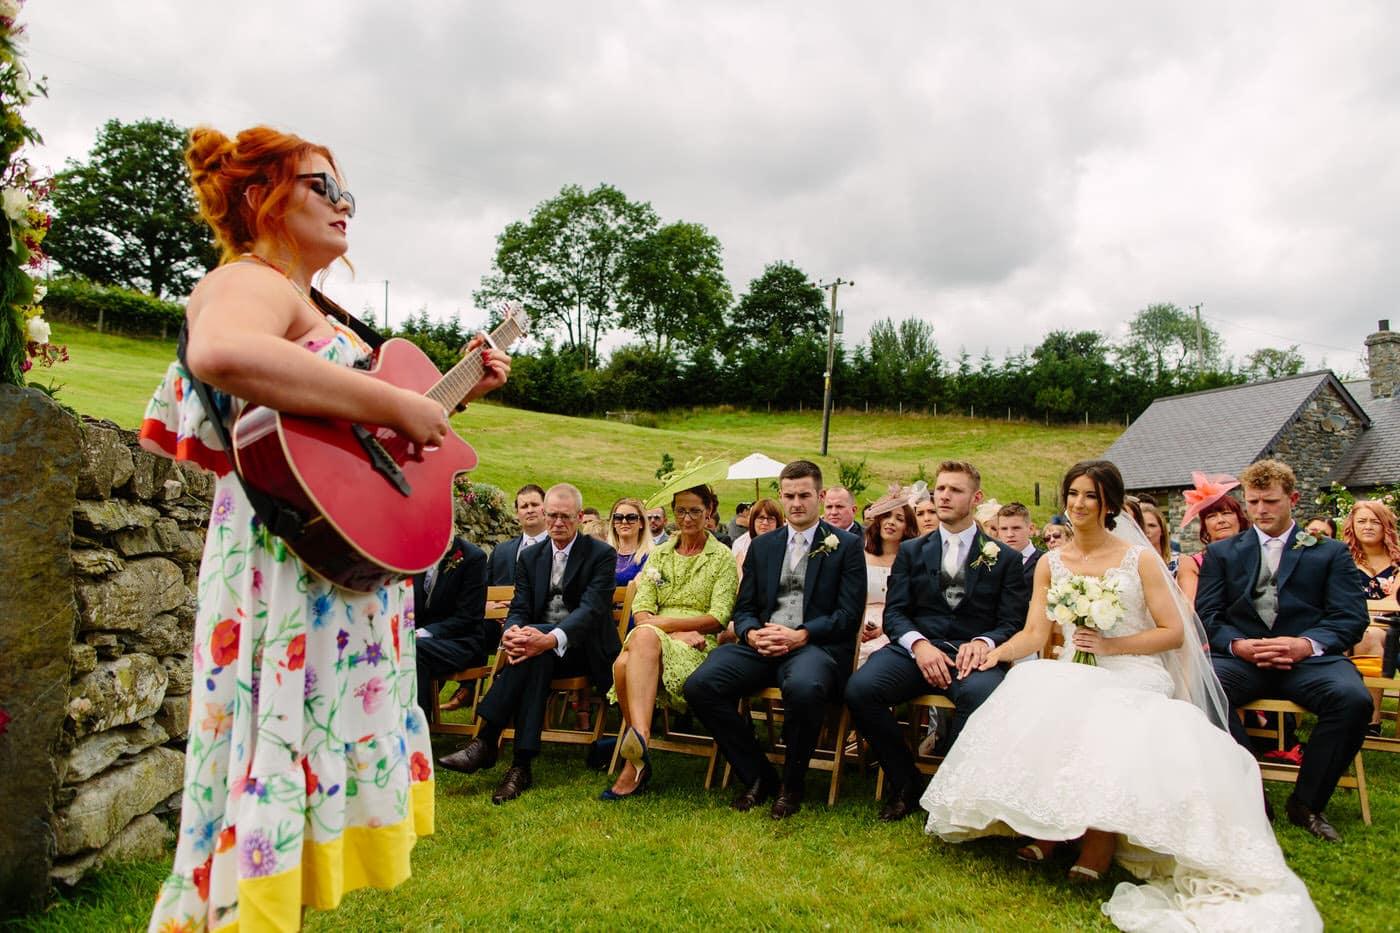 SG NORTH WALES WEDDING 537